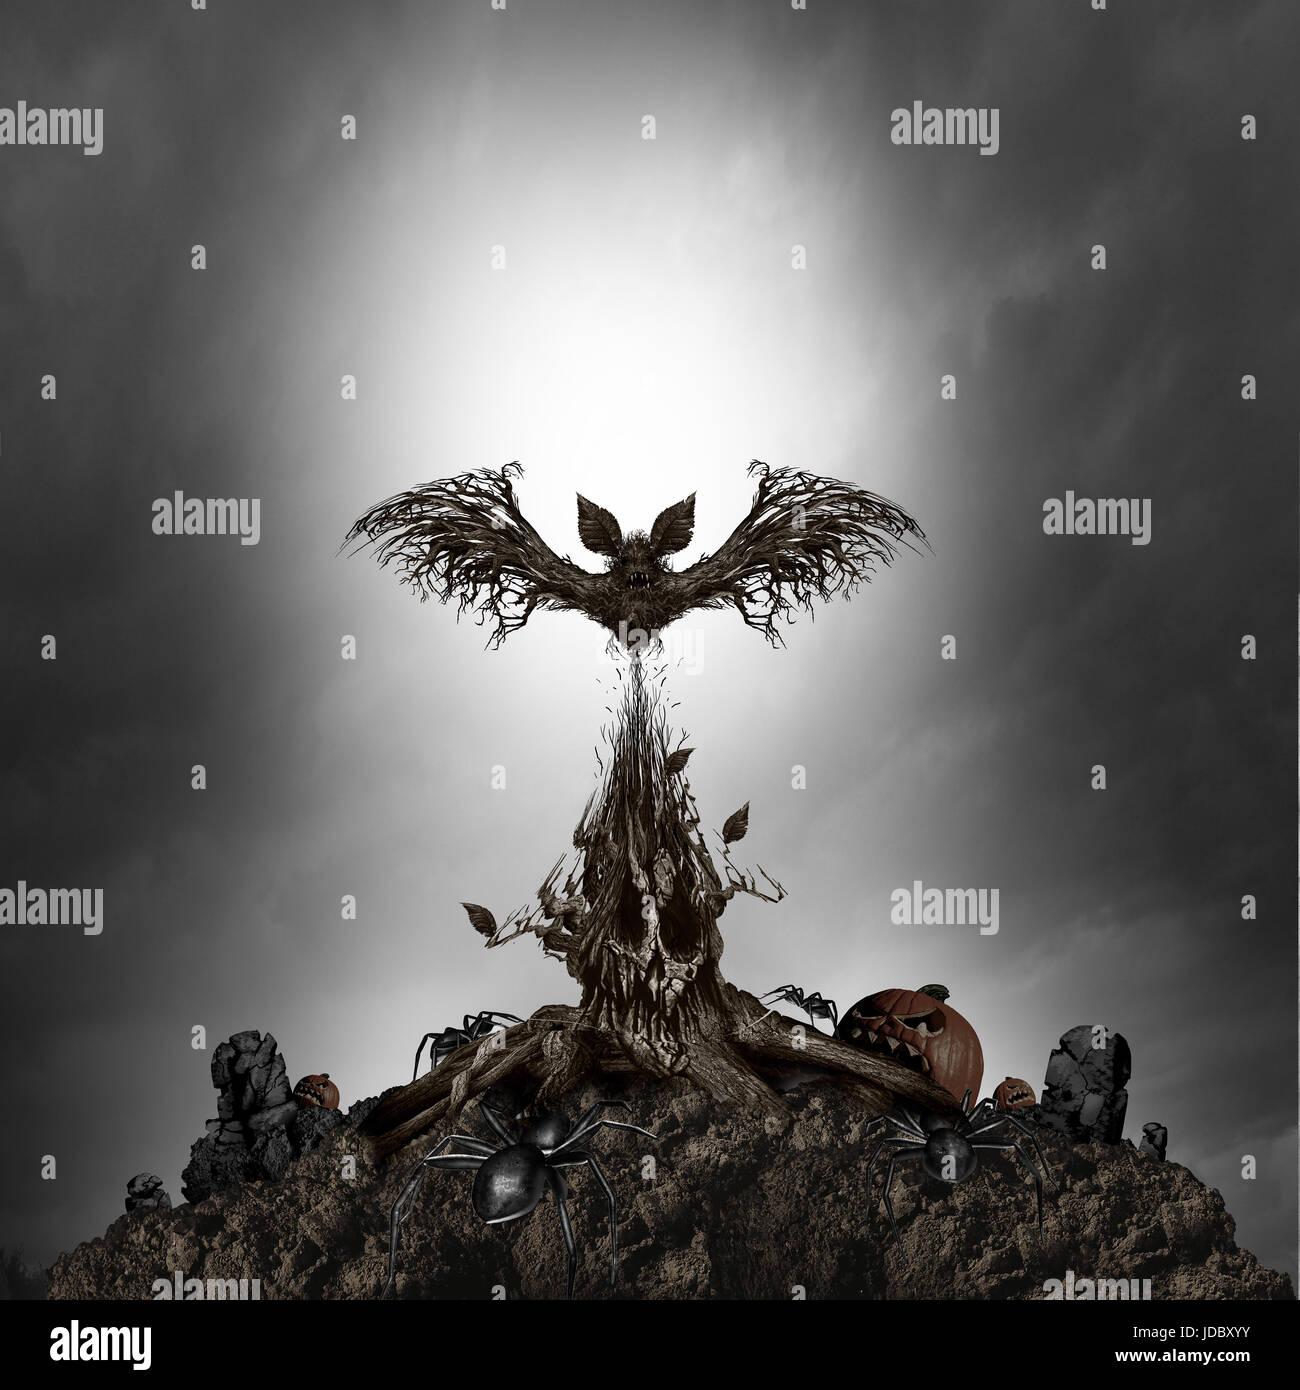 Árbol de miedo monster concepto como una escalofriante noche oscura escena de terror con una vida en forma Imagen De Stock